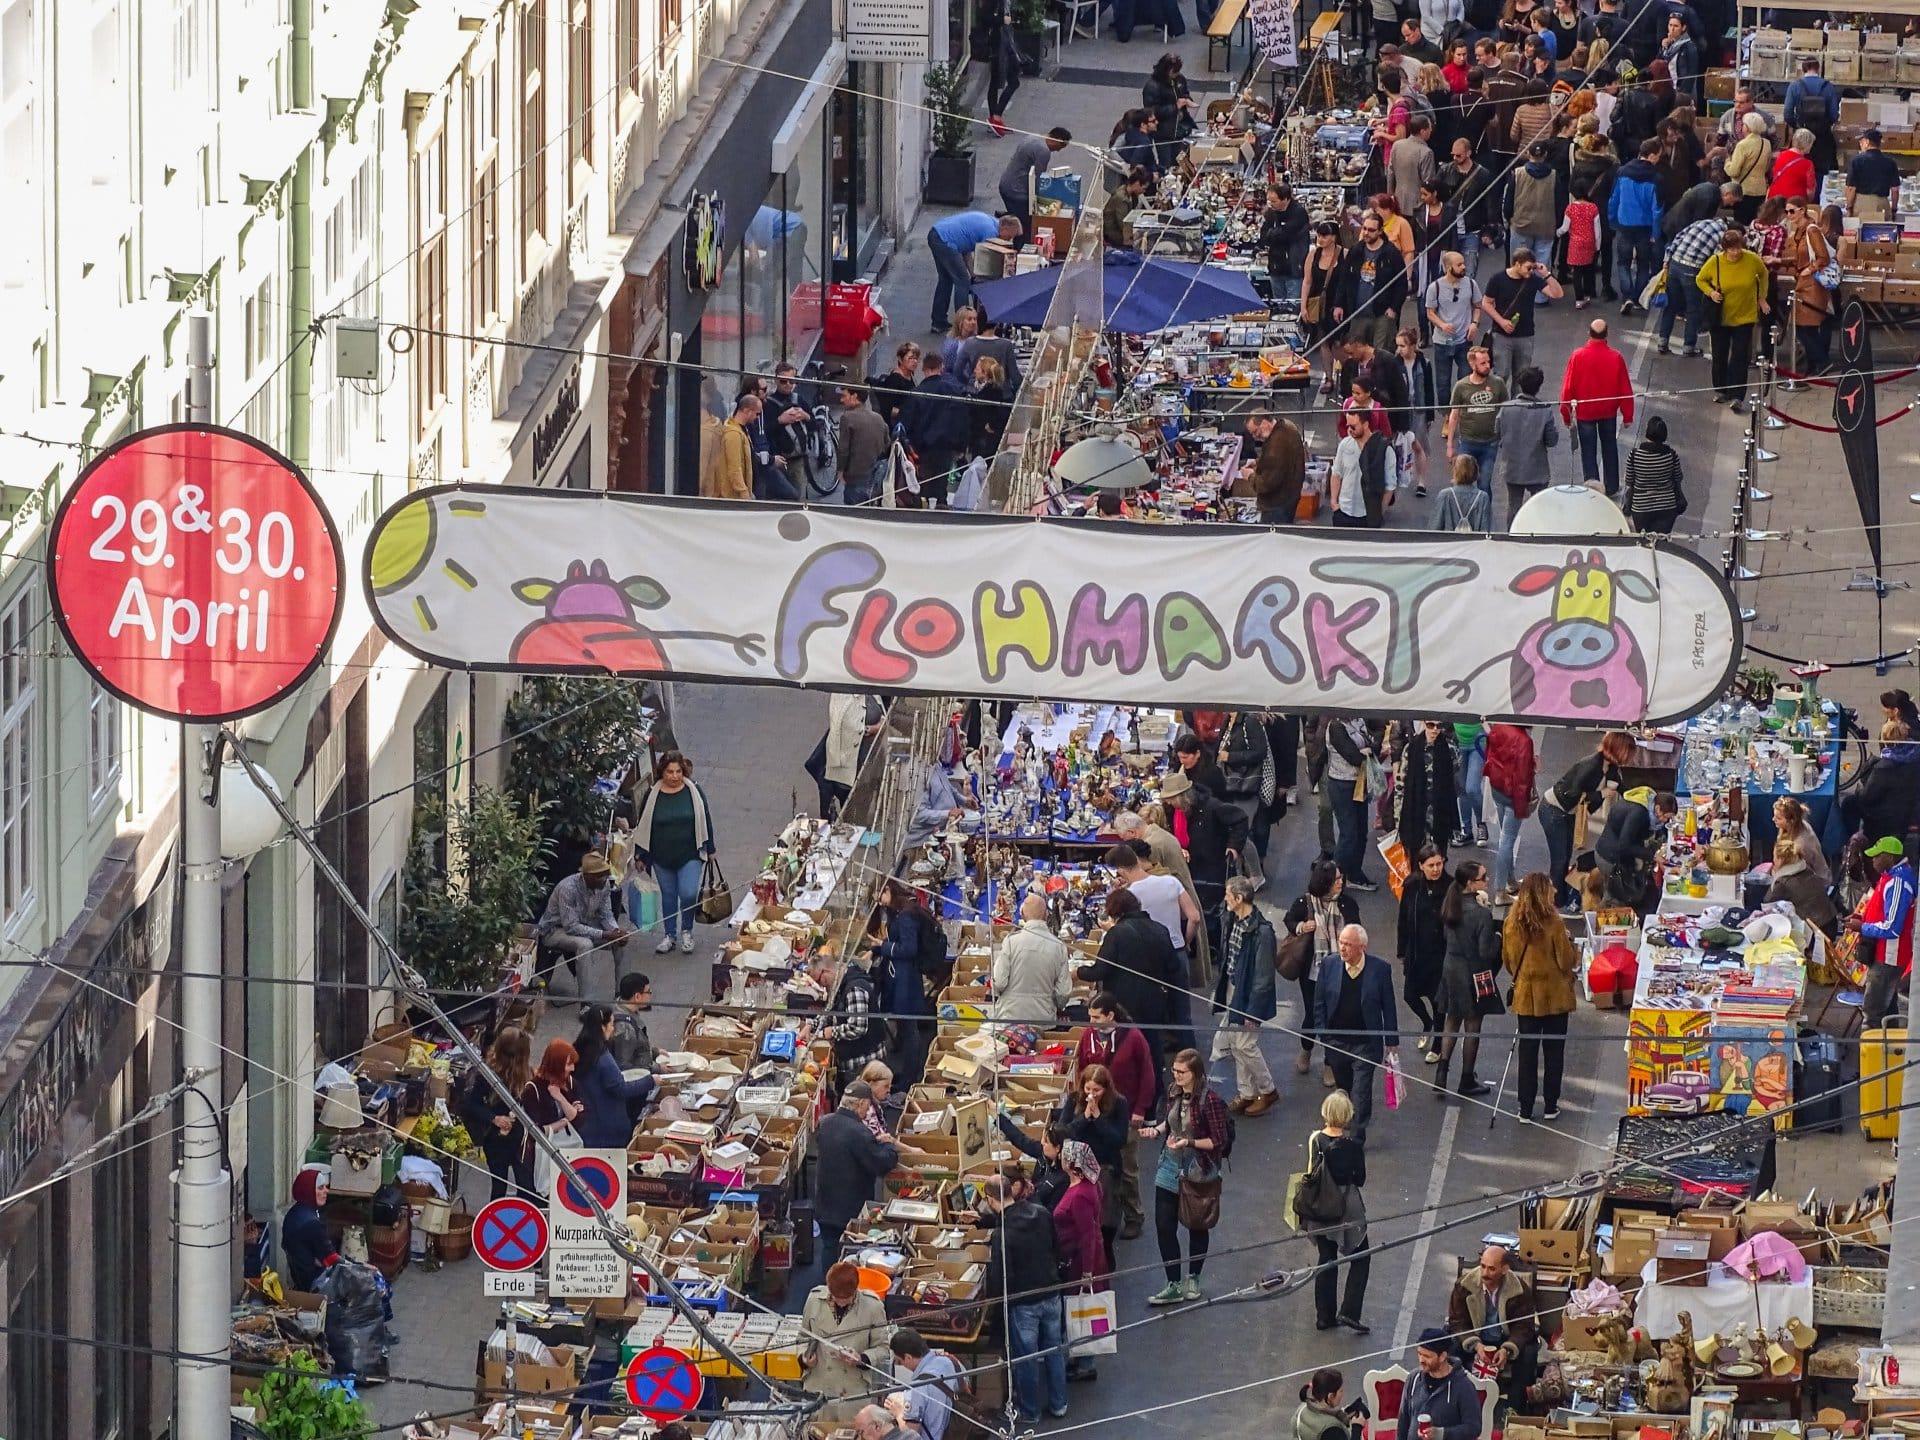 2016 04 30 flohmarkt